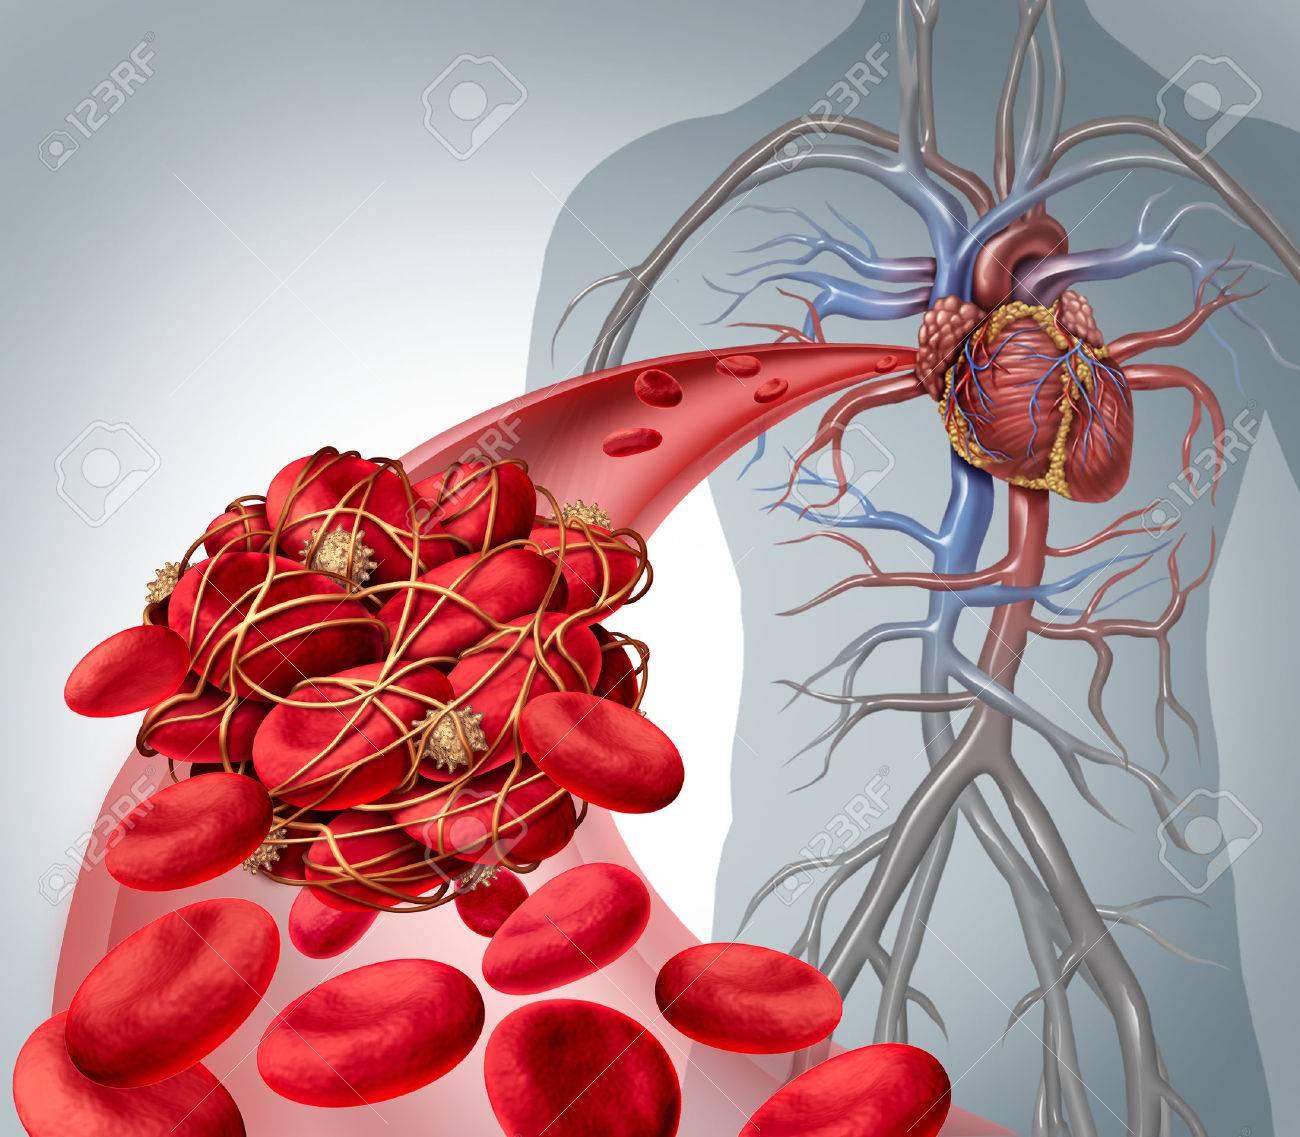 El Riesgo De Coágulos De Sangre Y Coágulos O Trombosis Ilustración ...